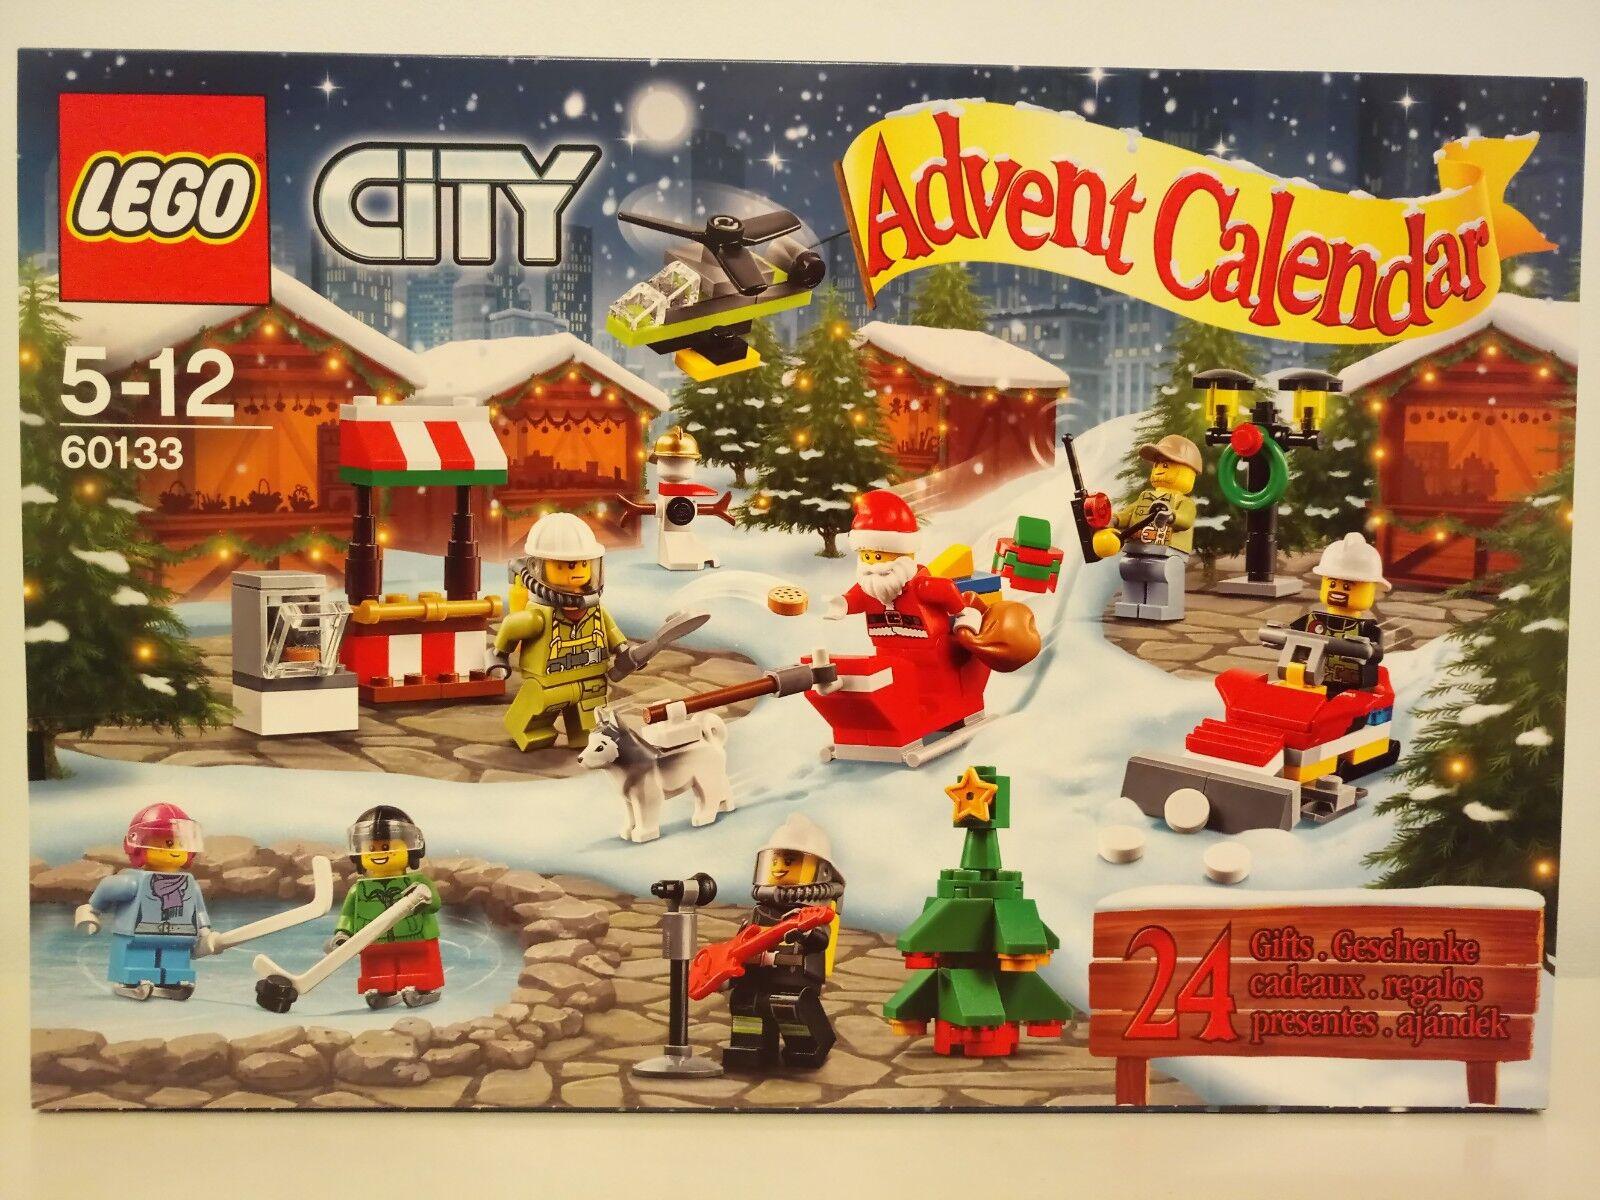 Lego City Christmas  Advent Calendar 60133  prix plancher